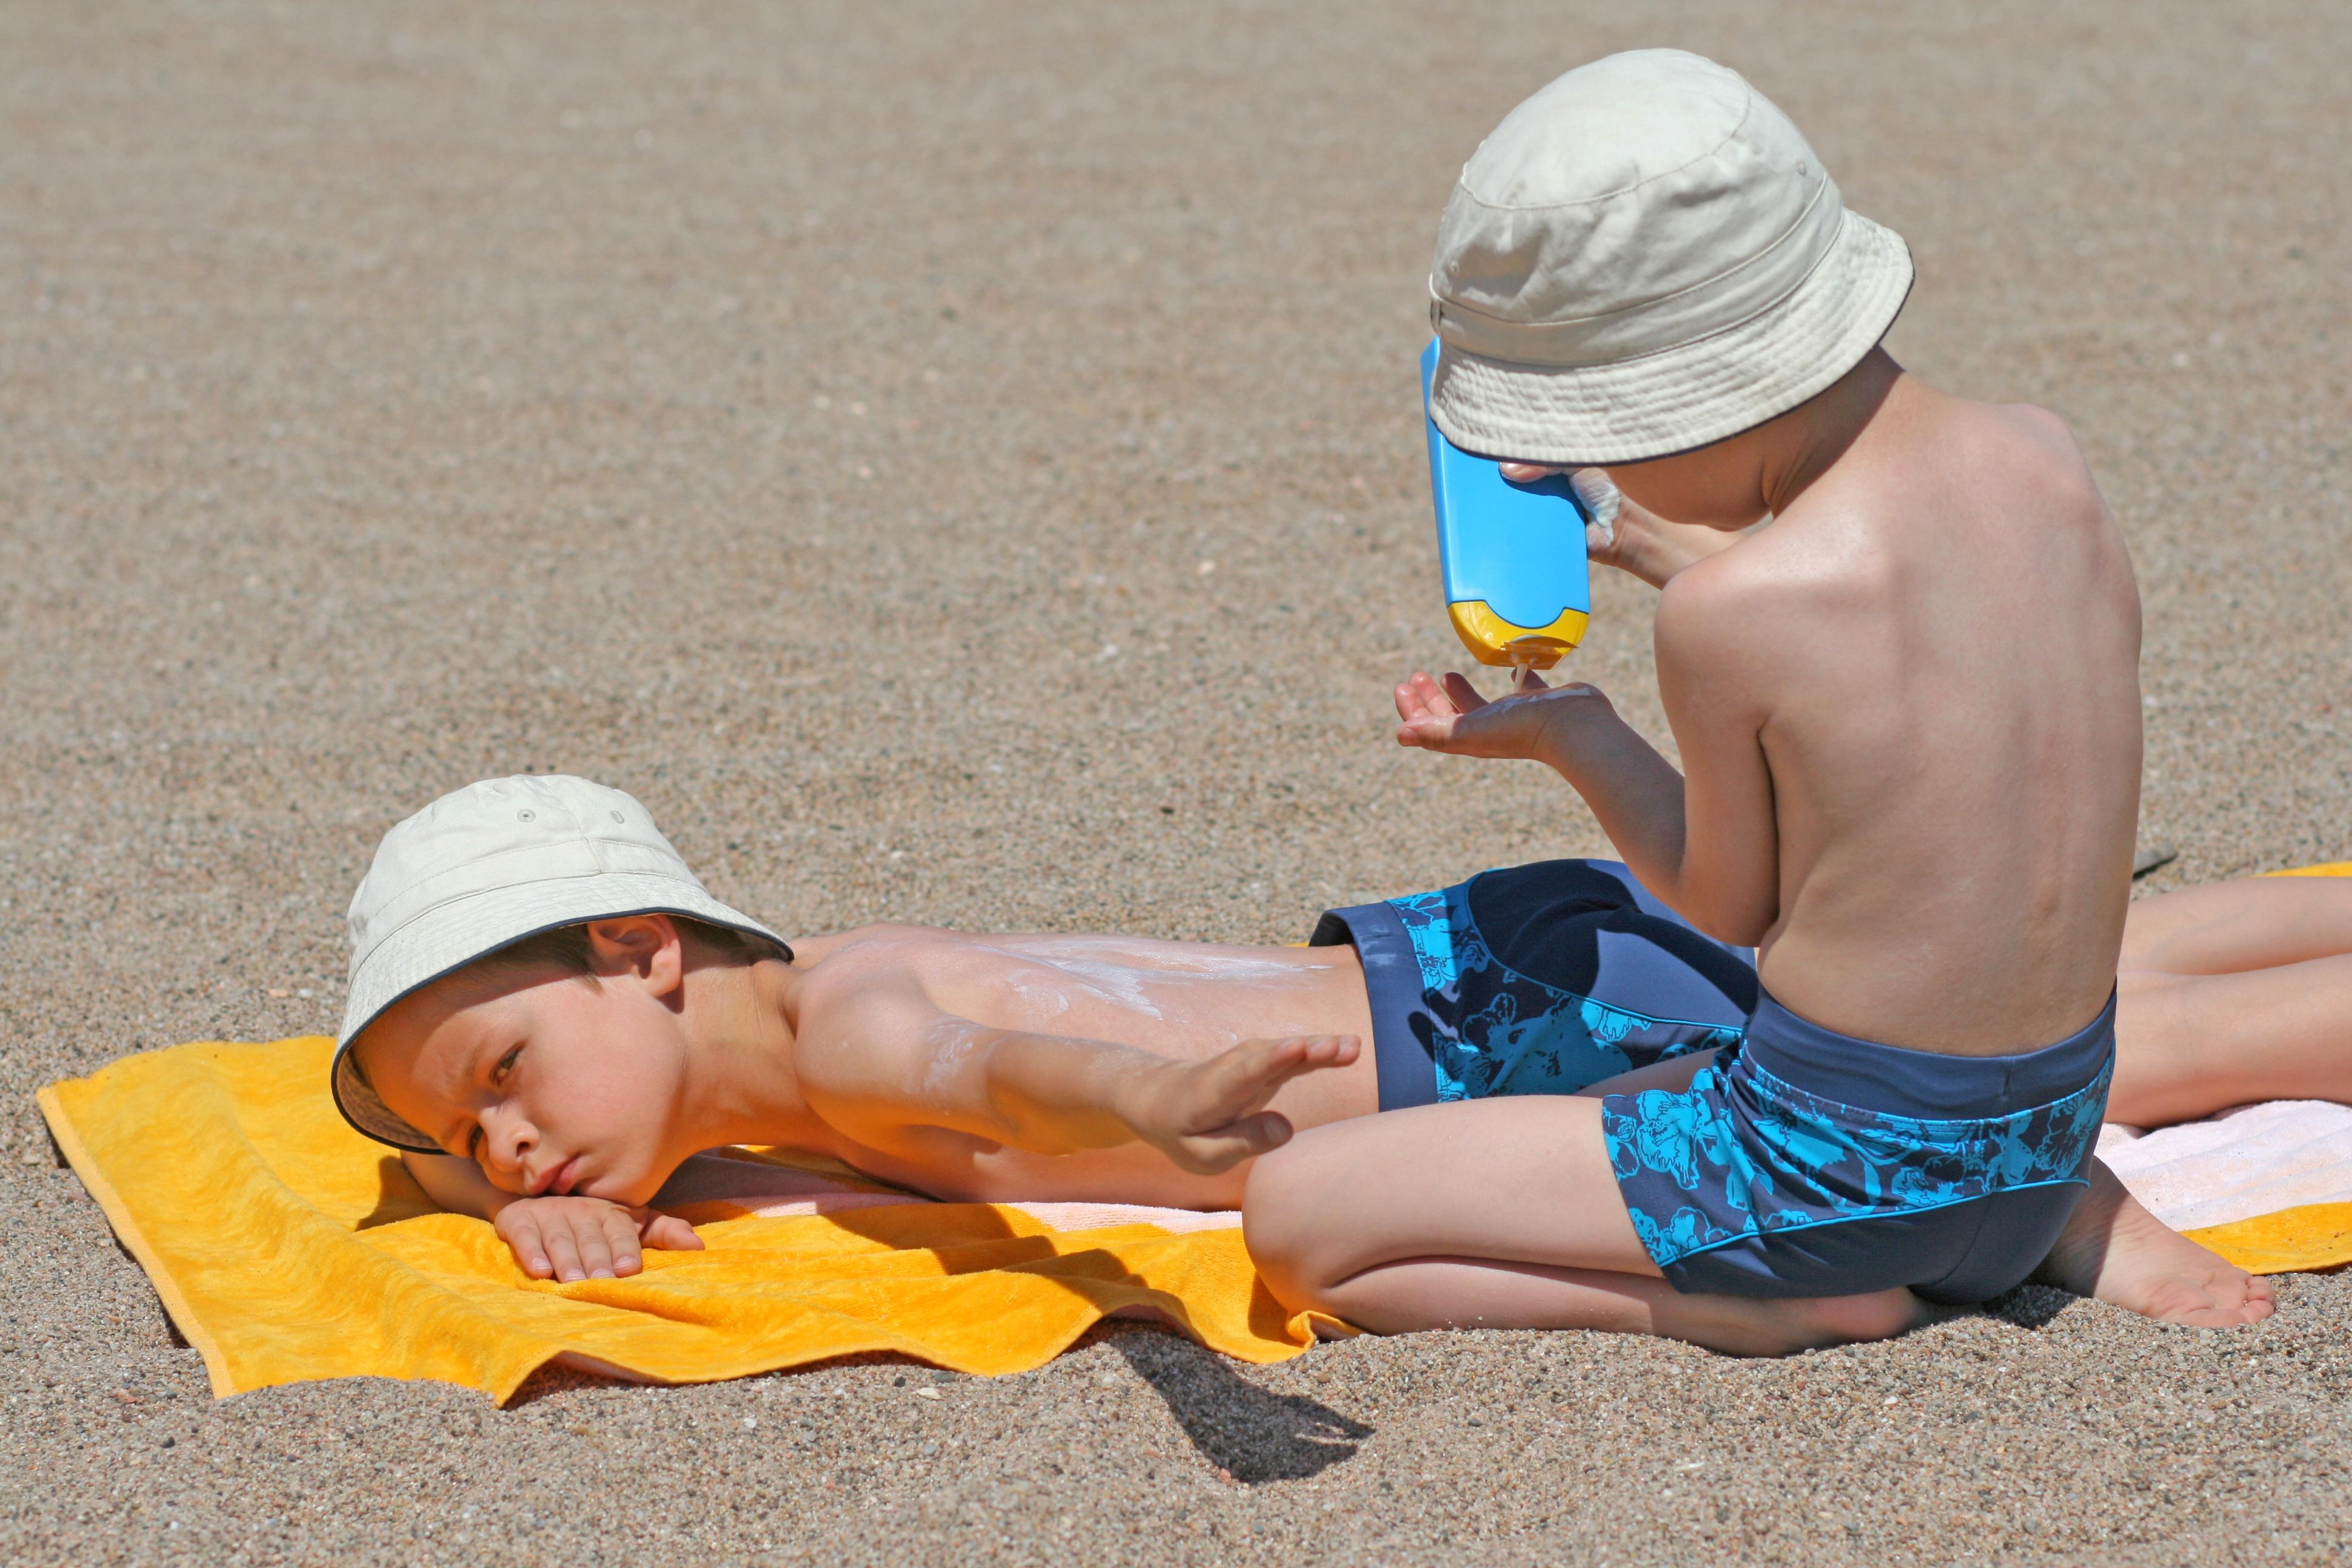 Children and skin checks